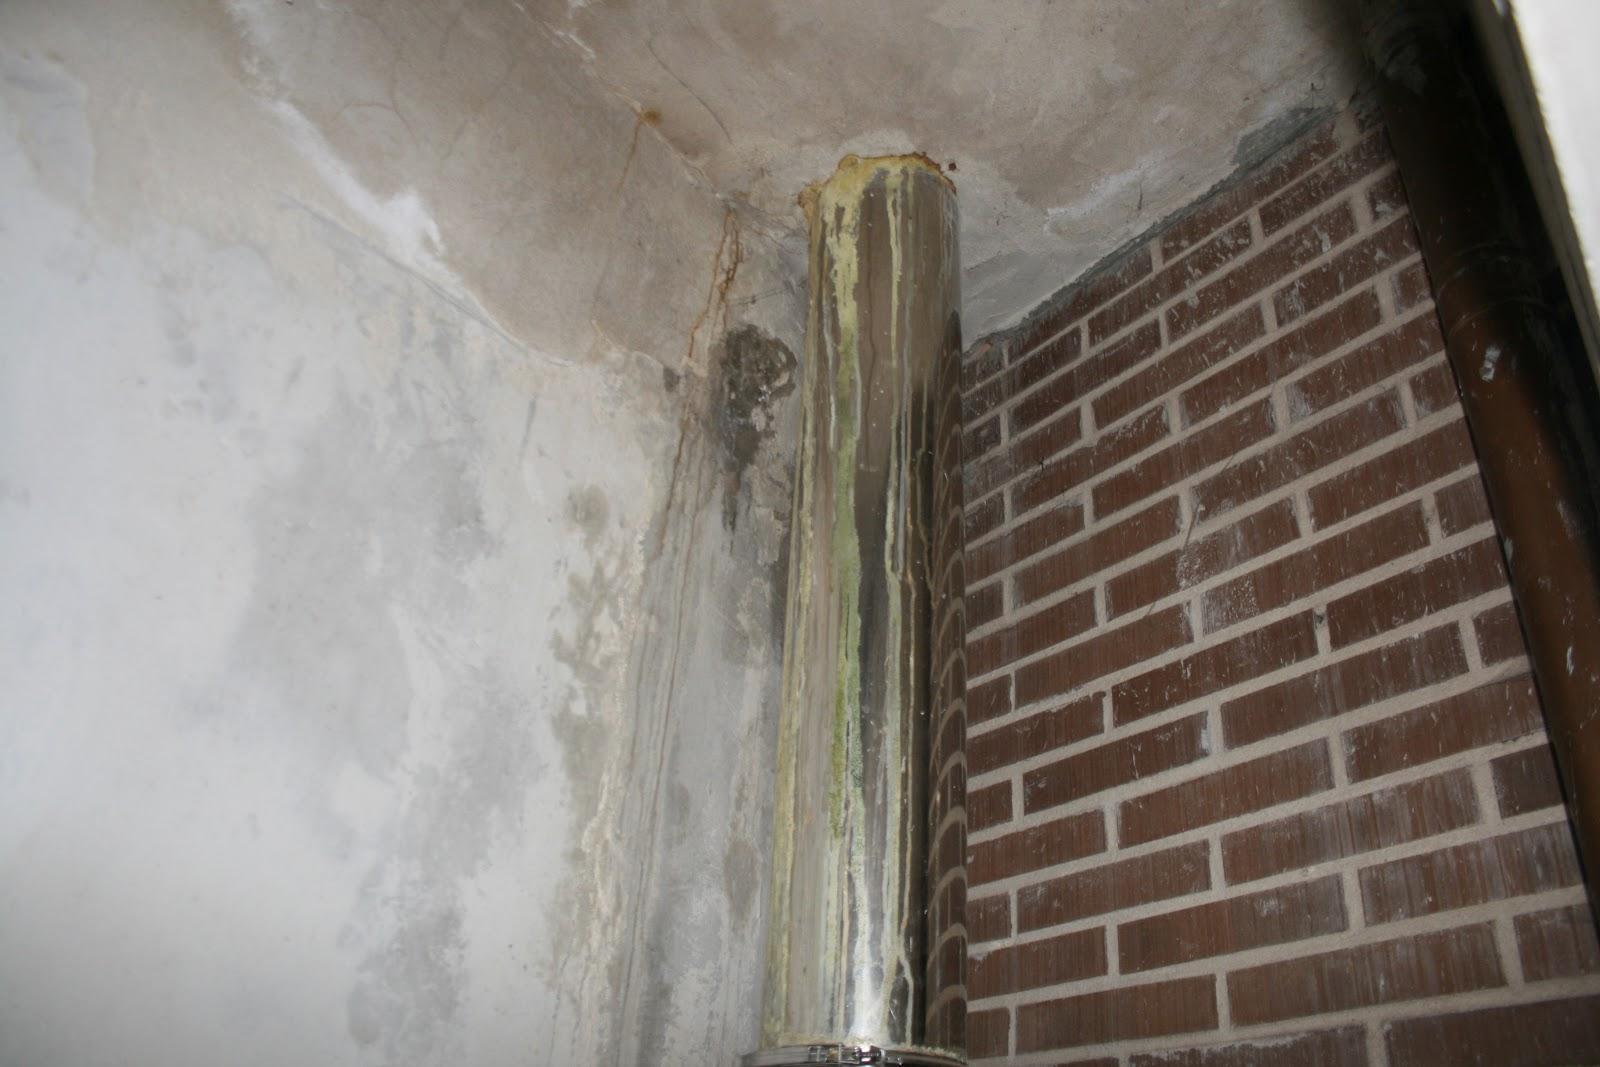 Peritararquitectura 06 01 2012 07 01 2012 - Calefaccion por chimenea ...